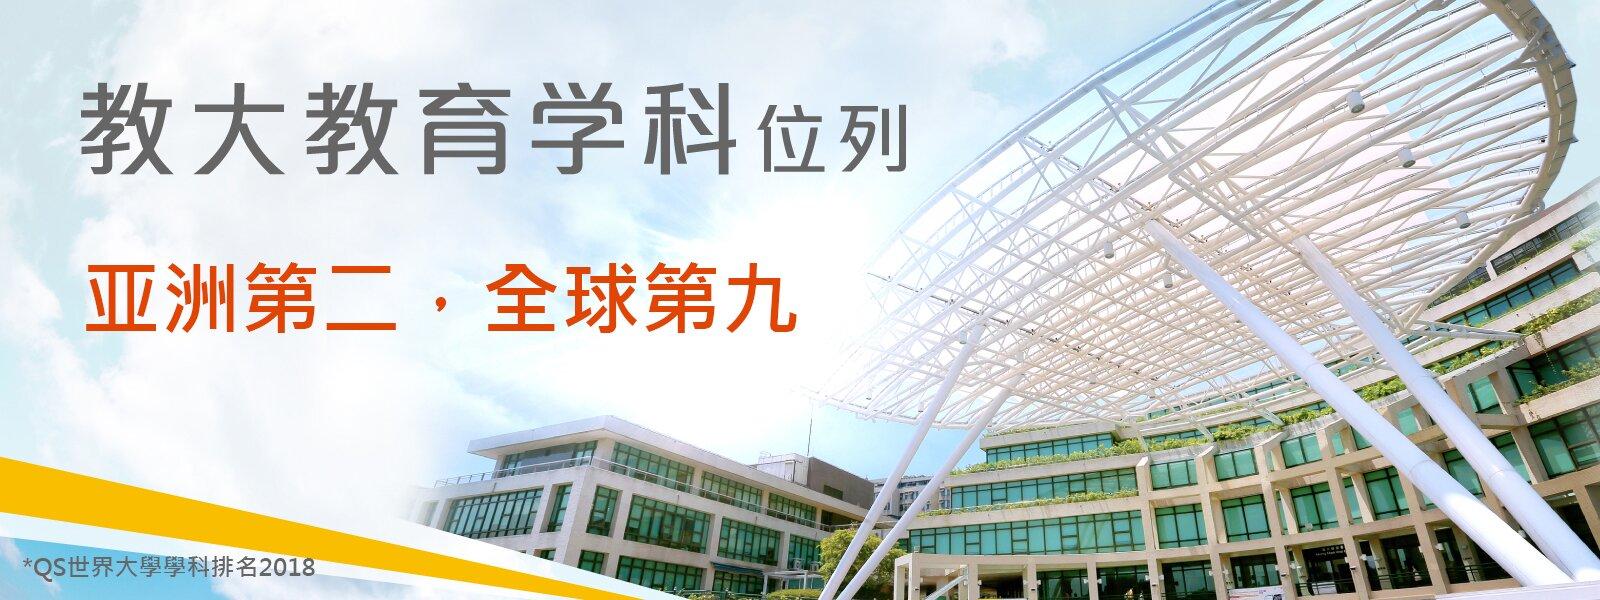 教大教育学科位列亚洲第二、全球第九